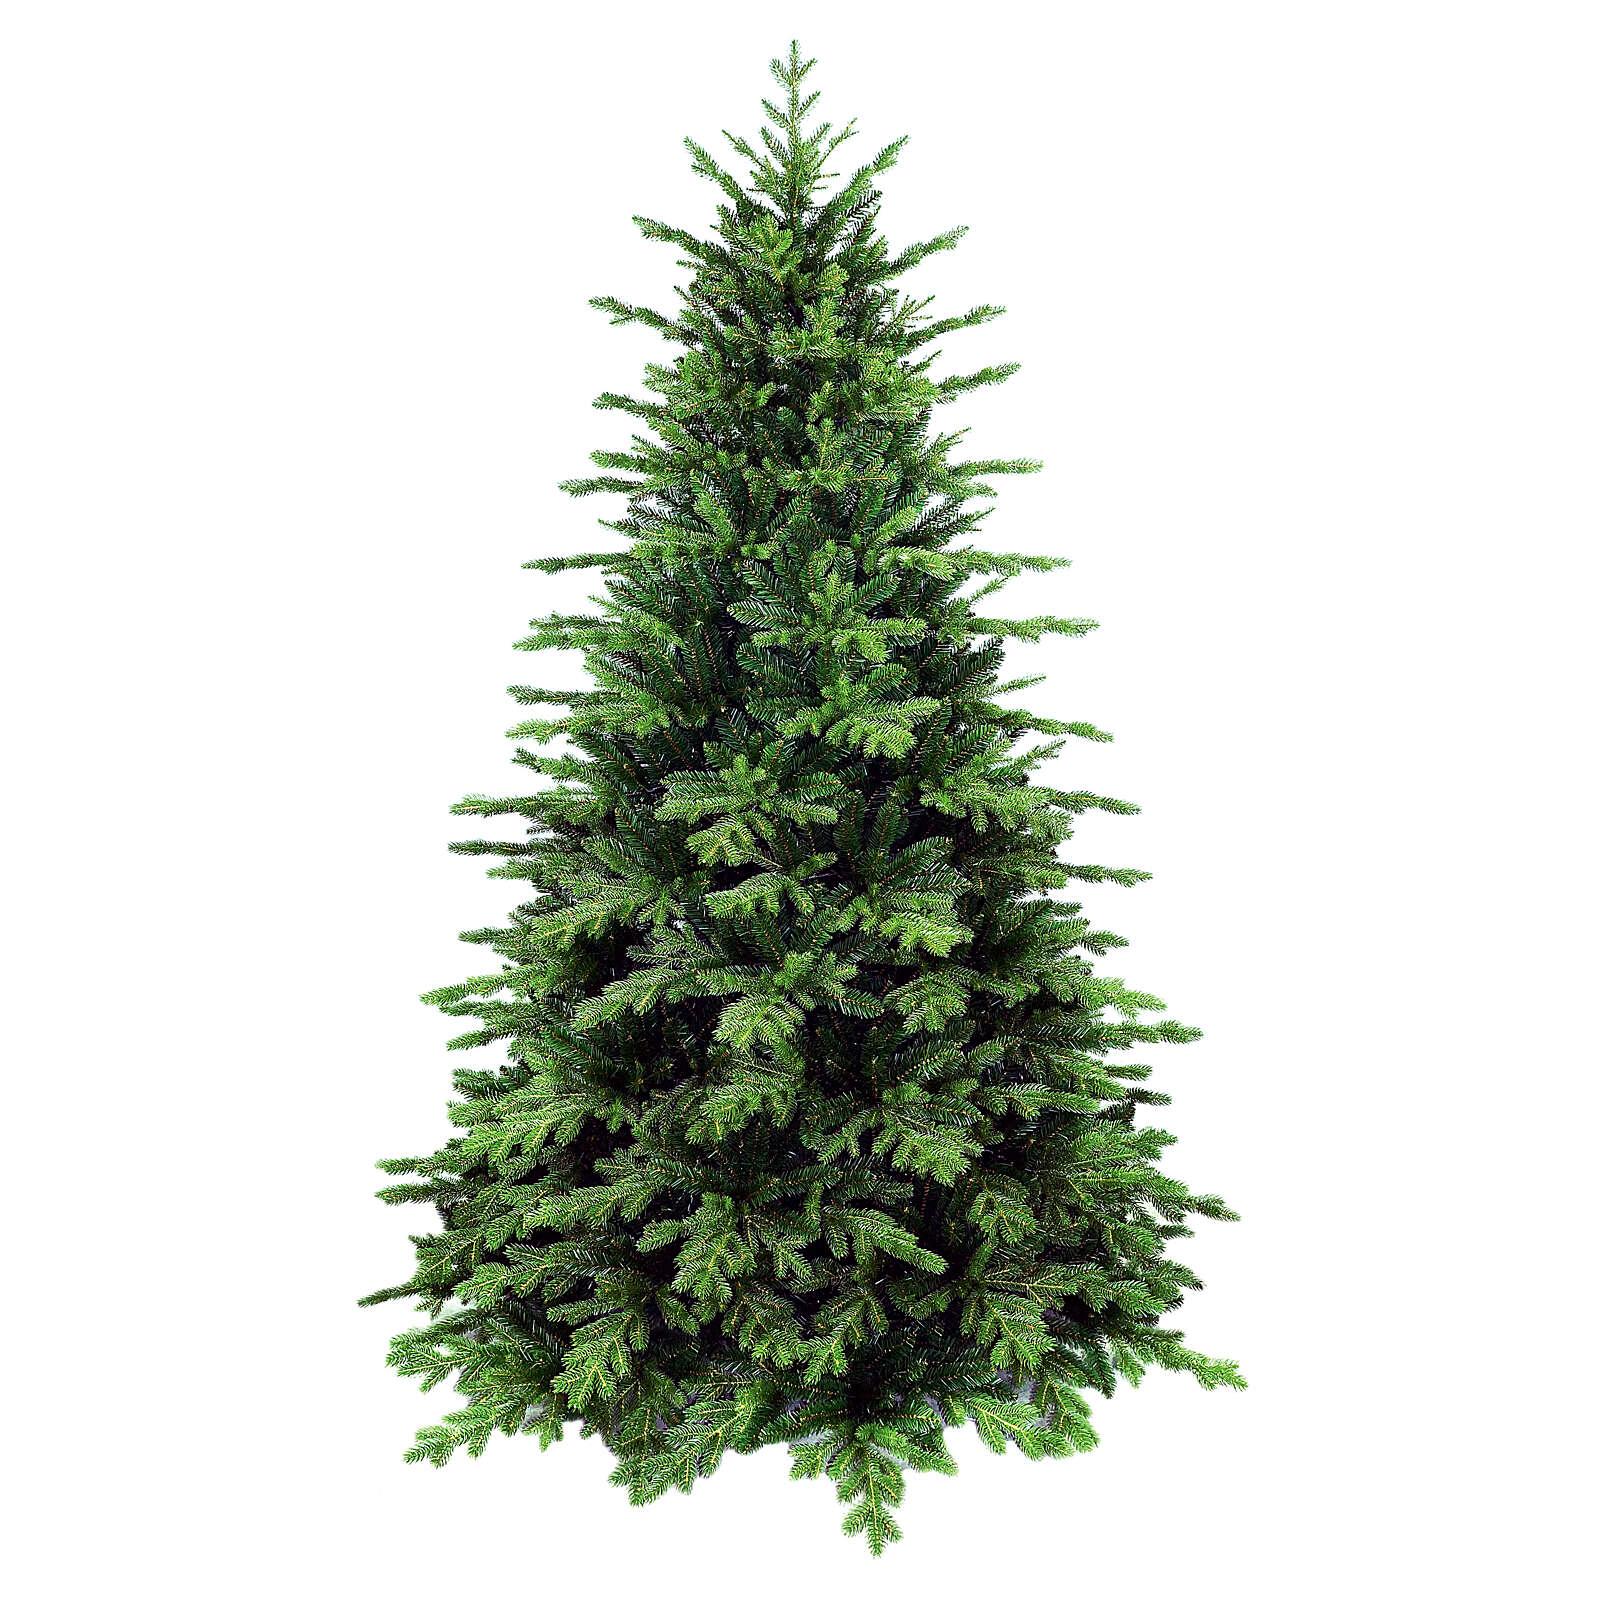 Weihnachtsbaum grün Dunant Winter Woodland, 180 cm 3